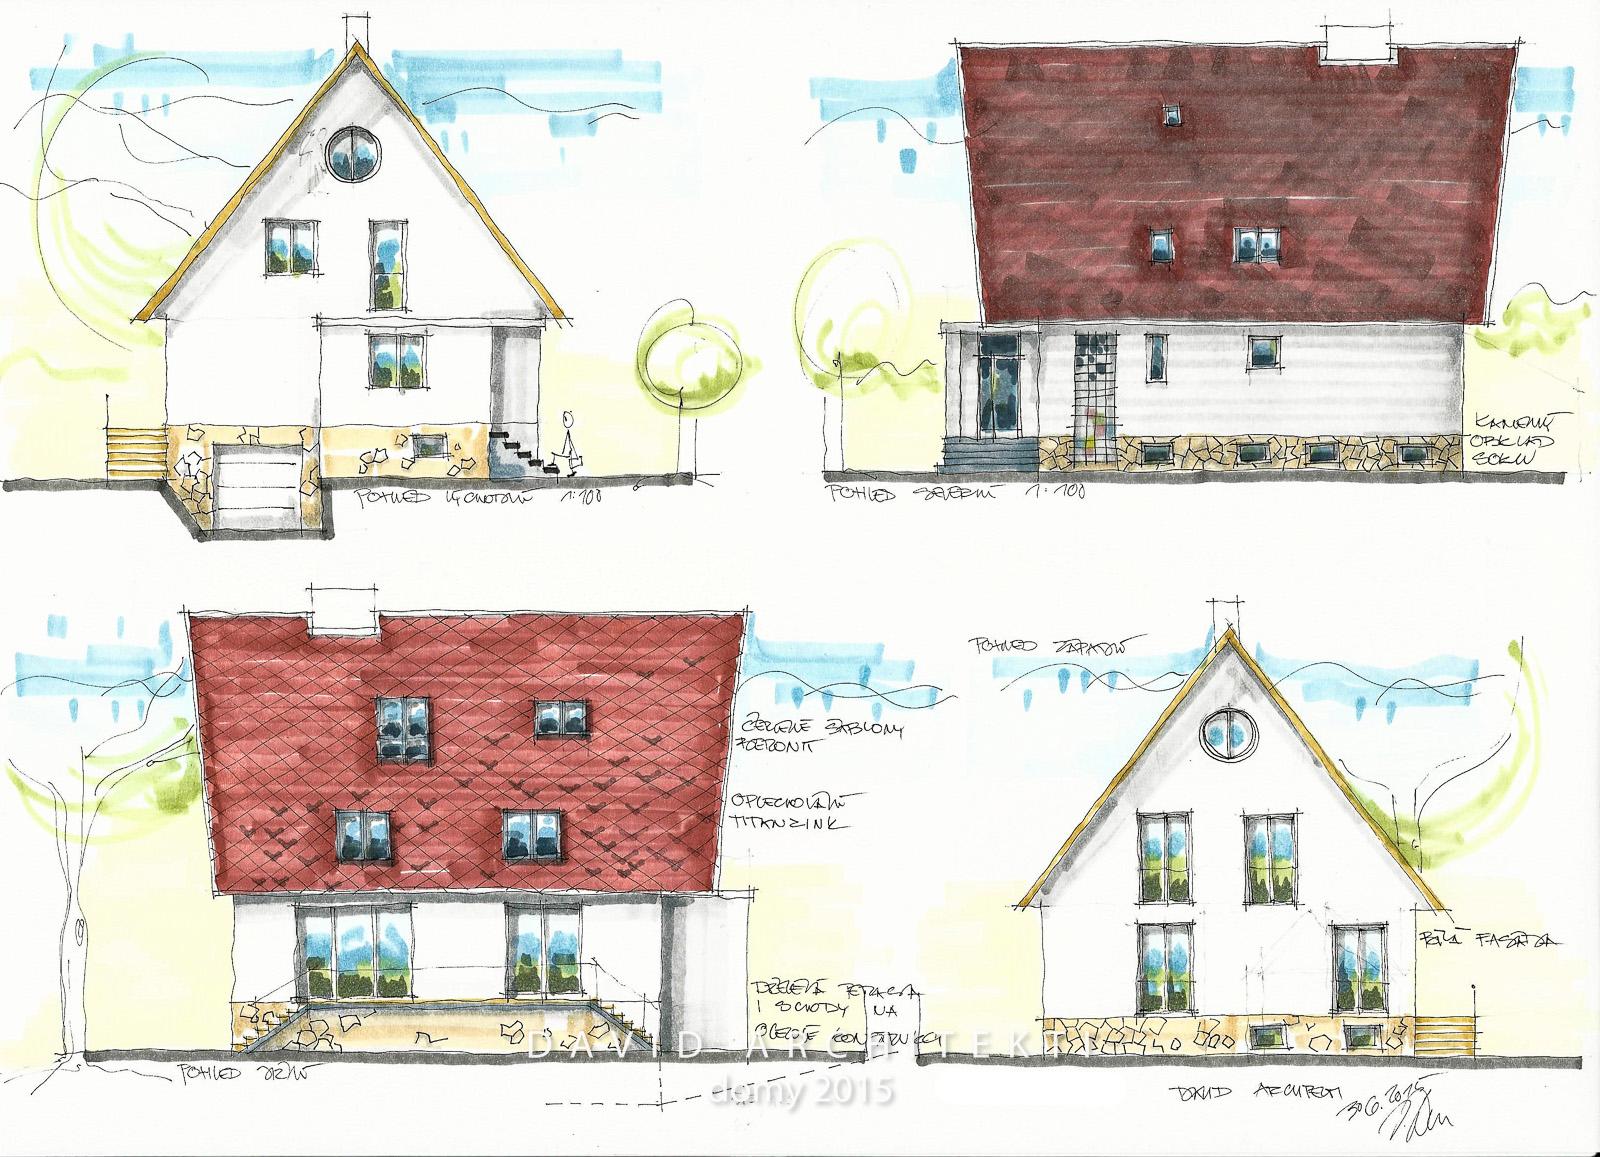 Podstatou návrhu rekonstrukce rodinného domu ze sedmdesátých let je jednoduchost, úpravy velikostí oken a celistvost.